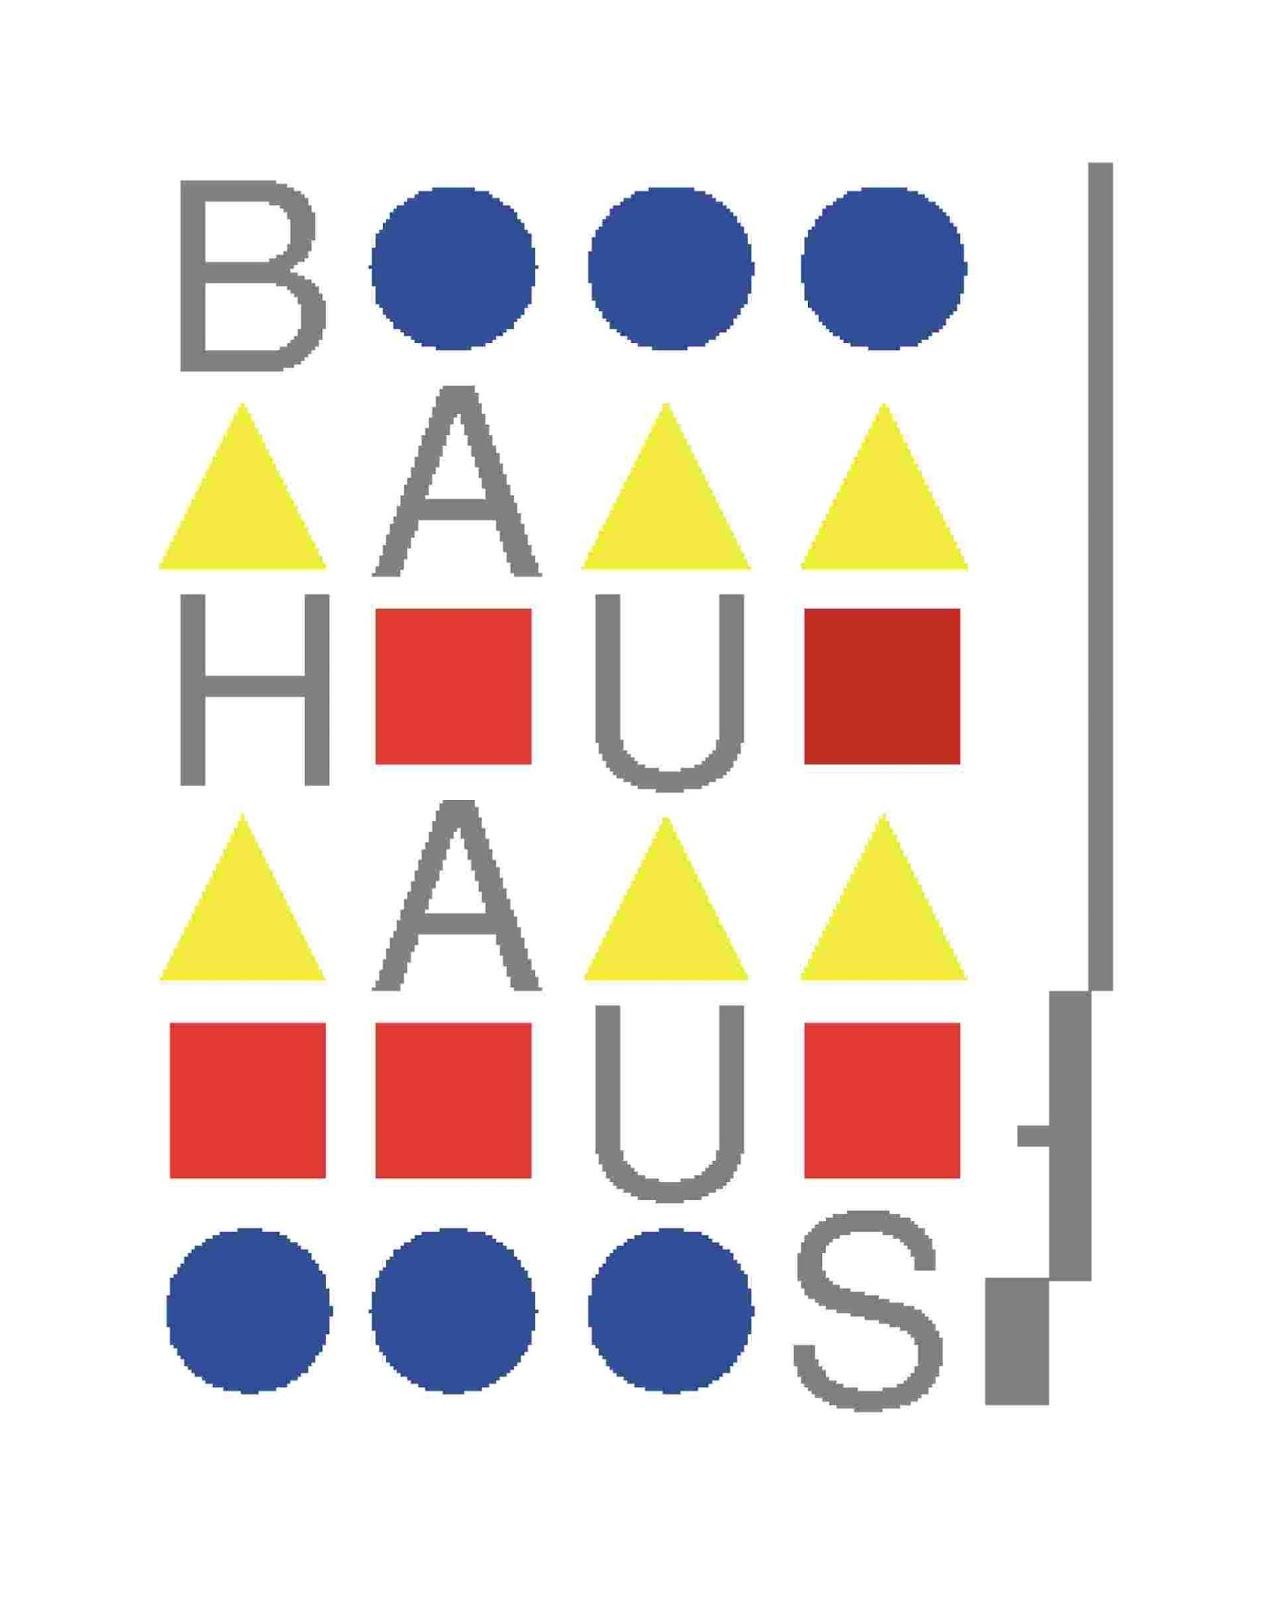 Mania colorida bauhaus um conceito que transp s pocas for Bauhaus pictures